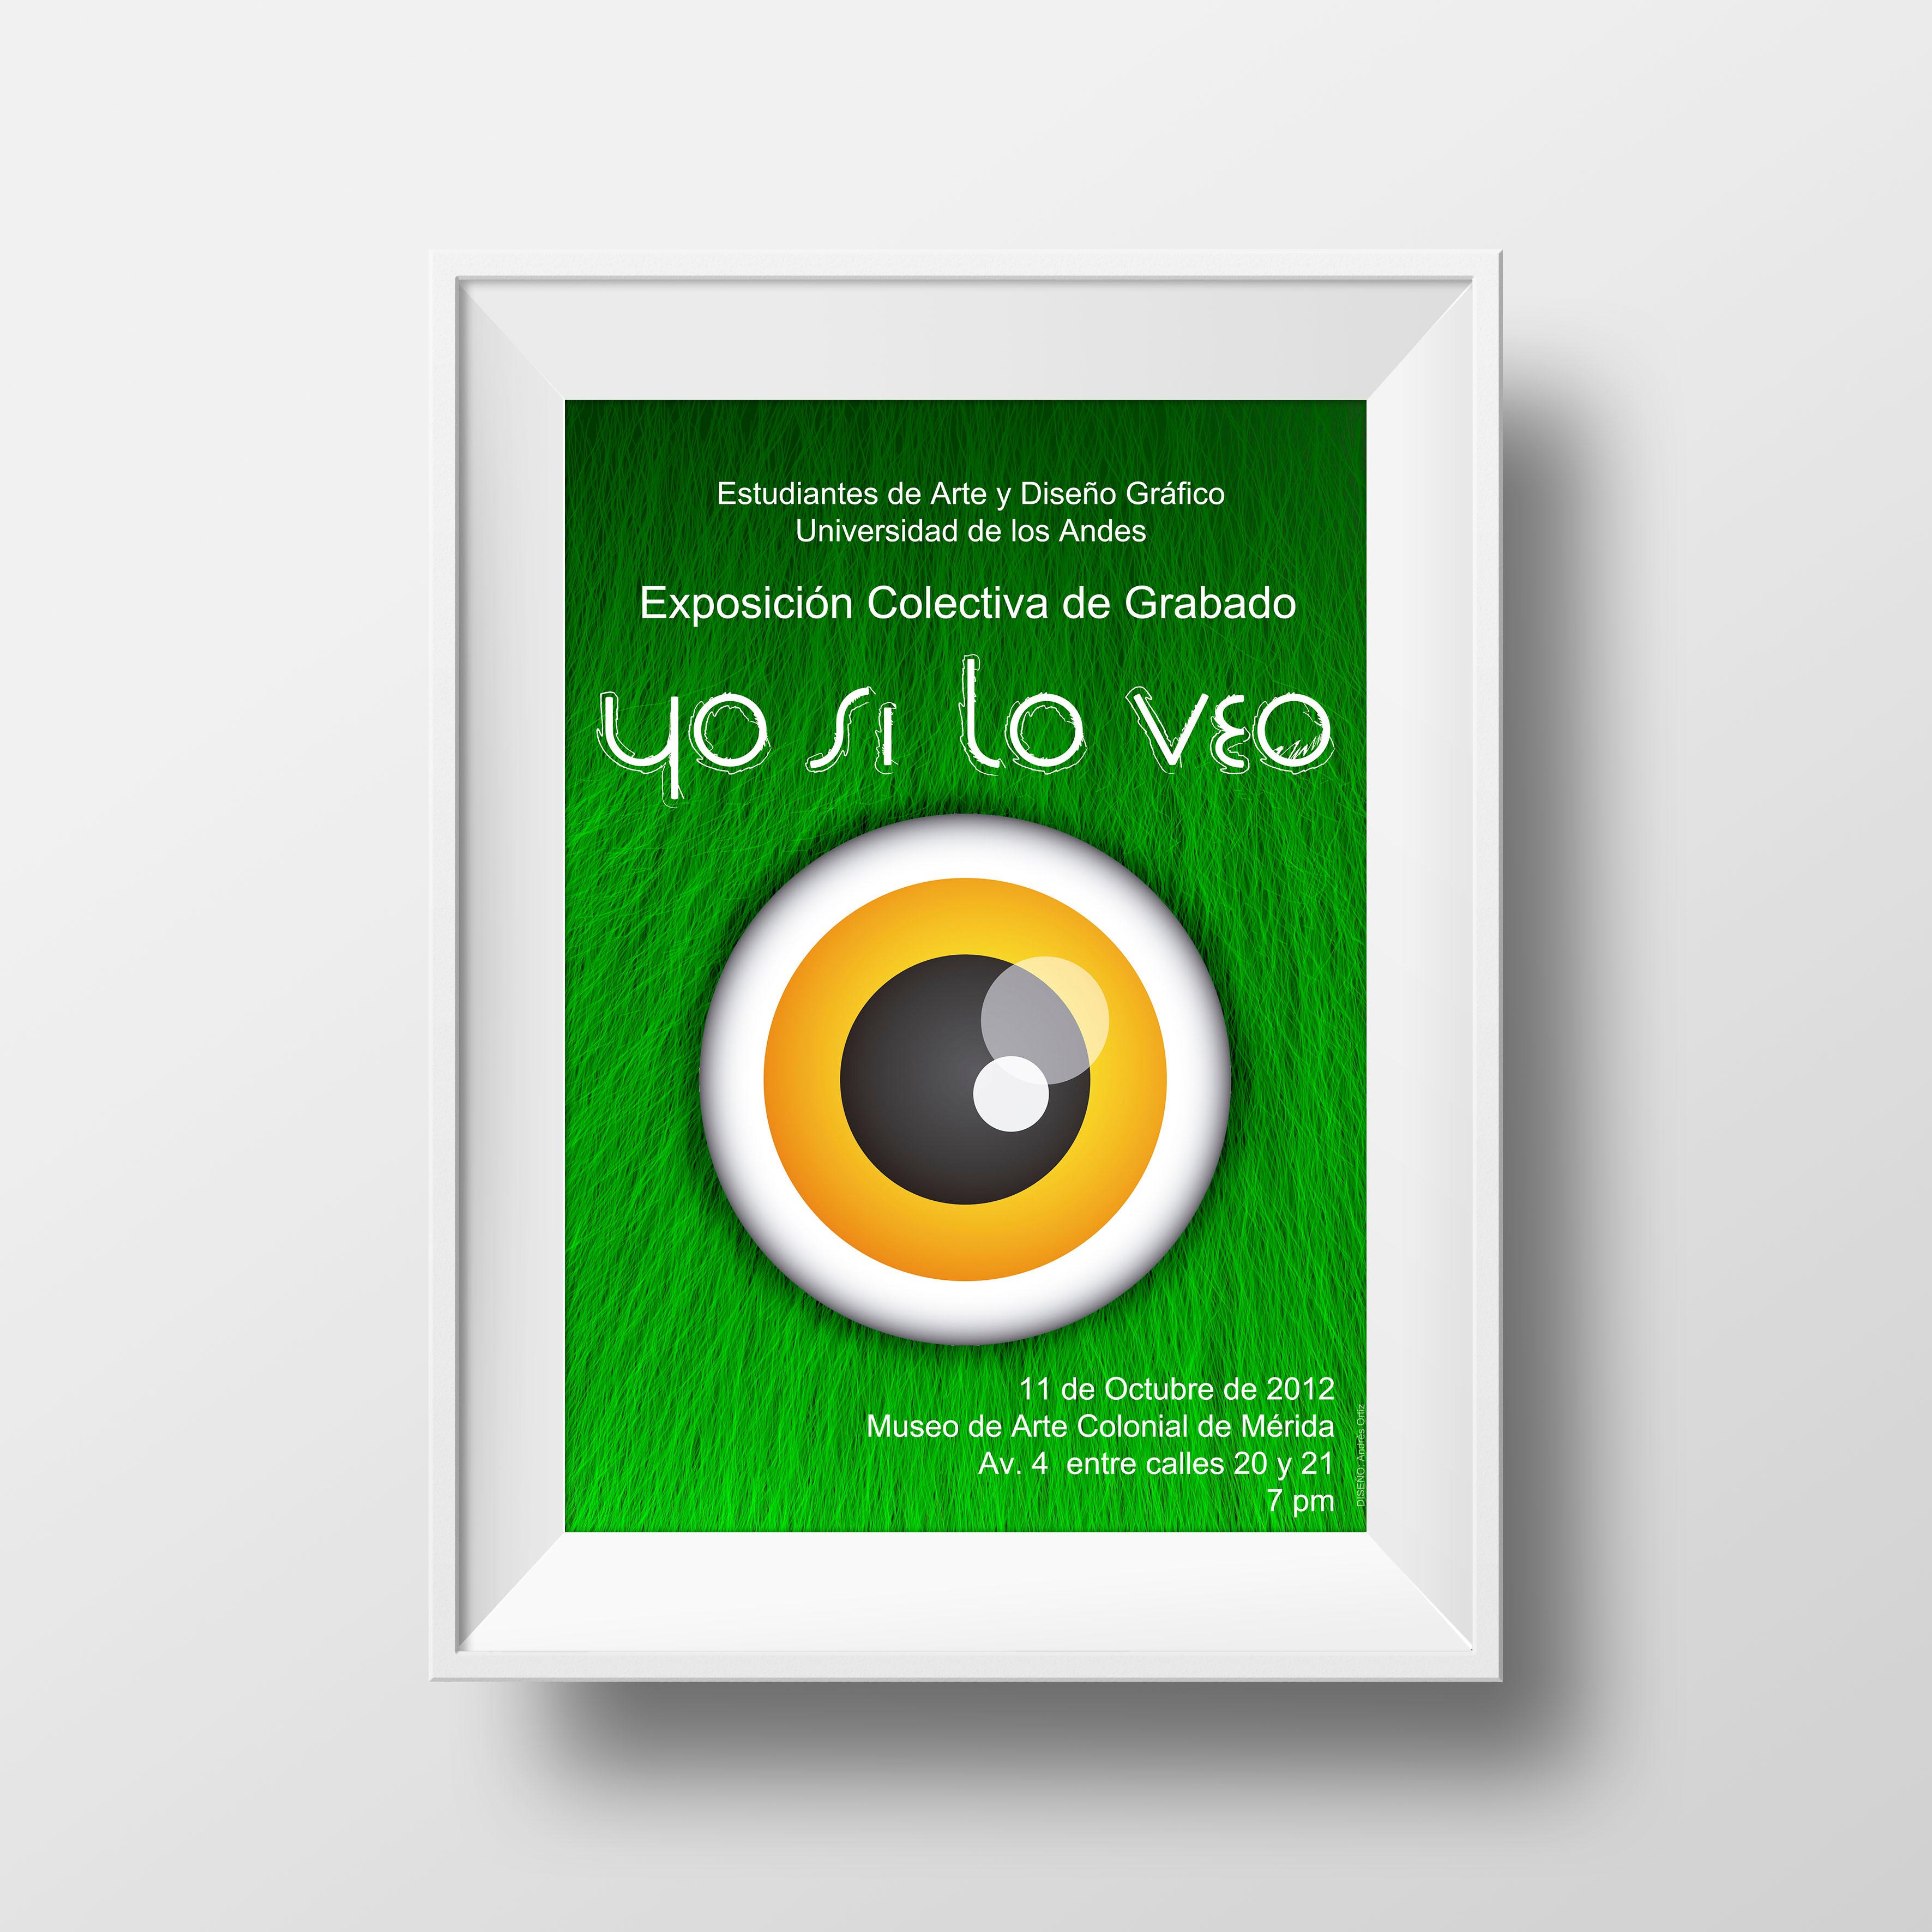 ZITRO Graphic Design